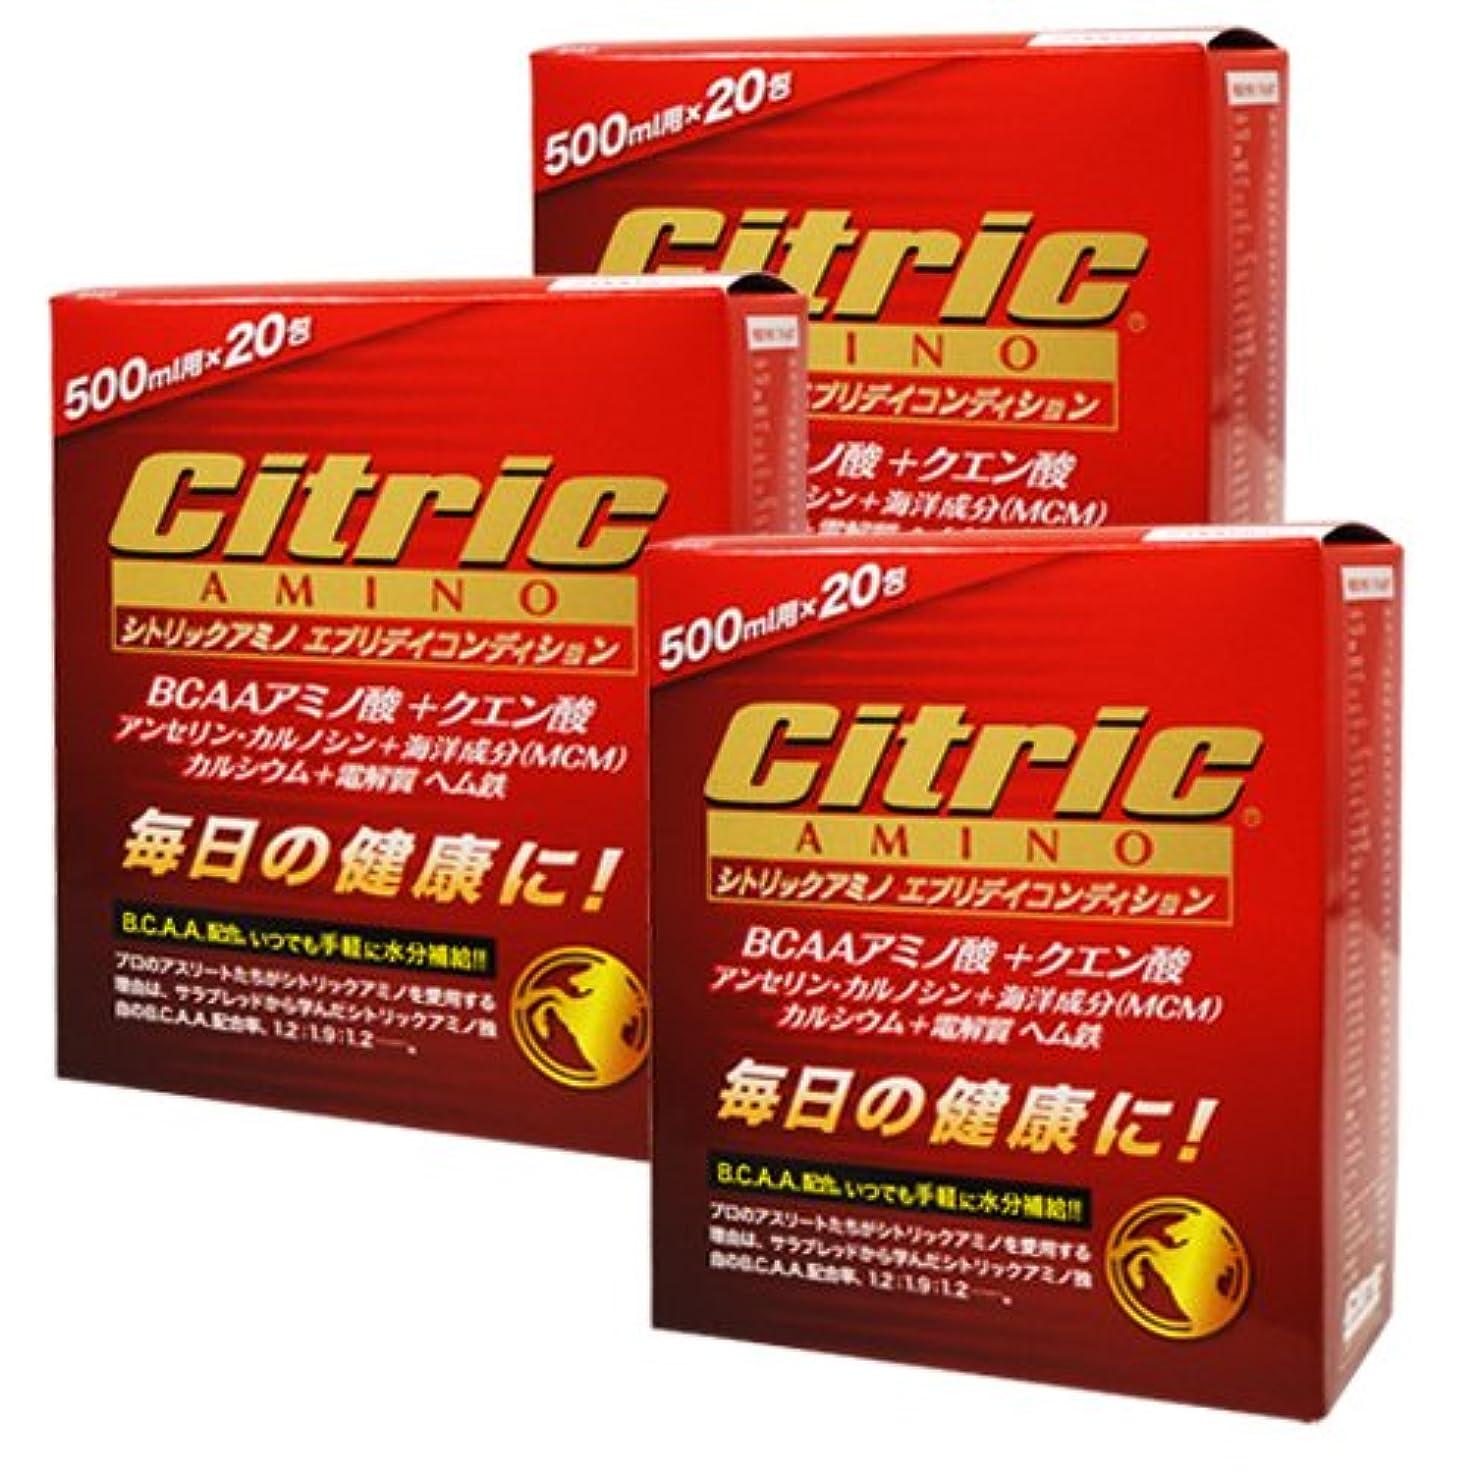 スペシャリストたっぷり重要シトリックアミノ エブリデイコンディション 120g(6g×20包)×3箱